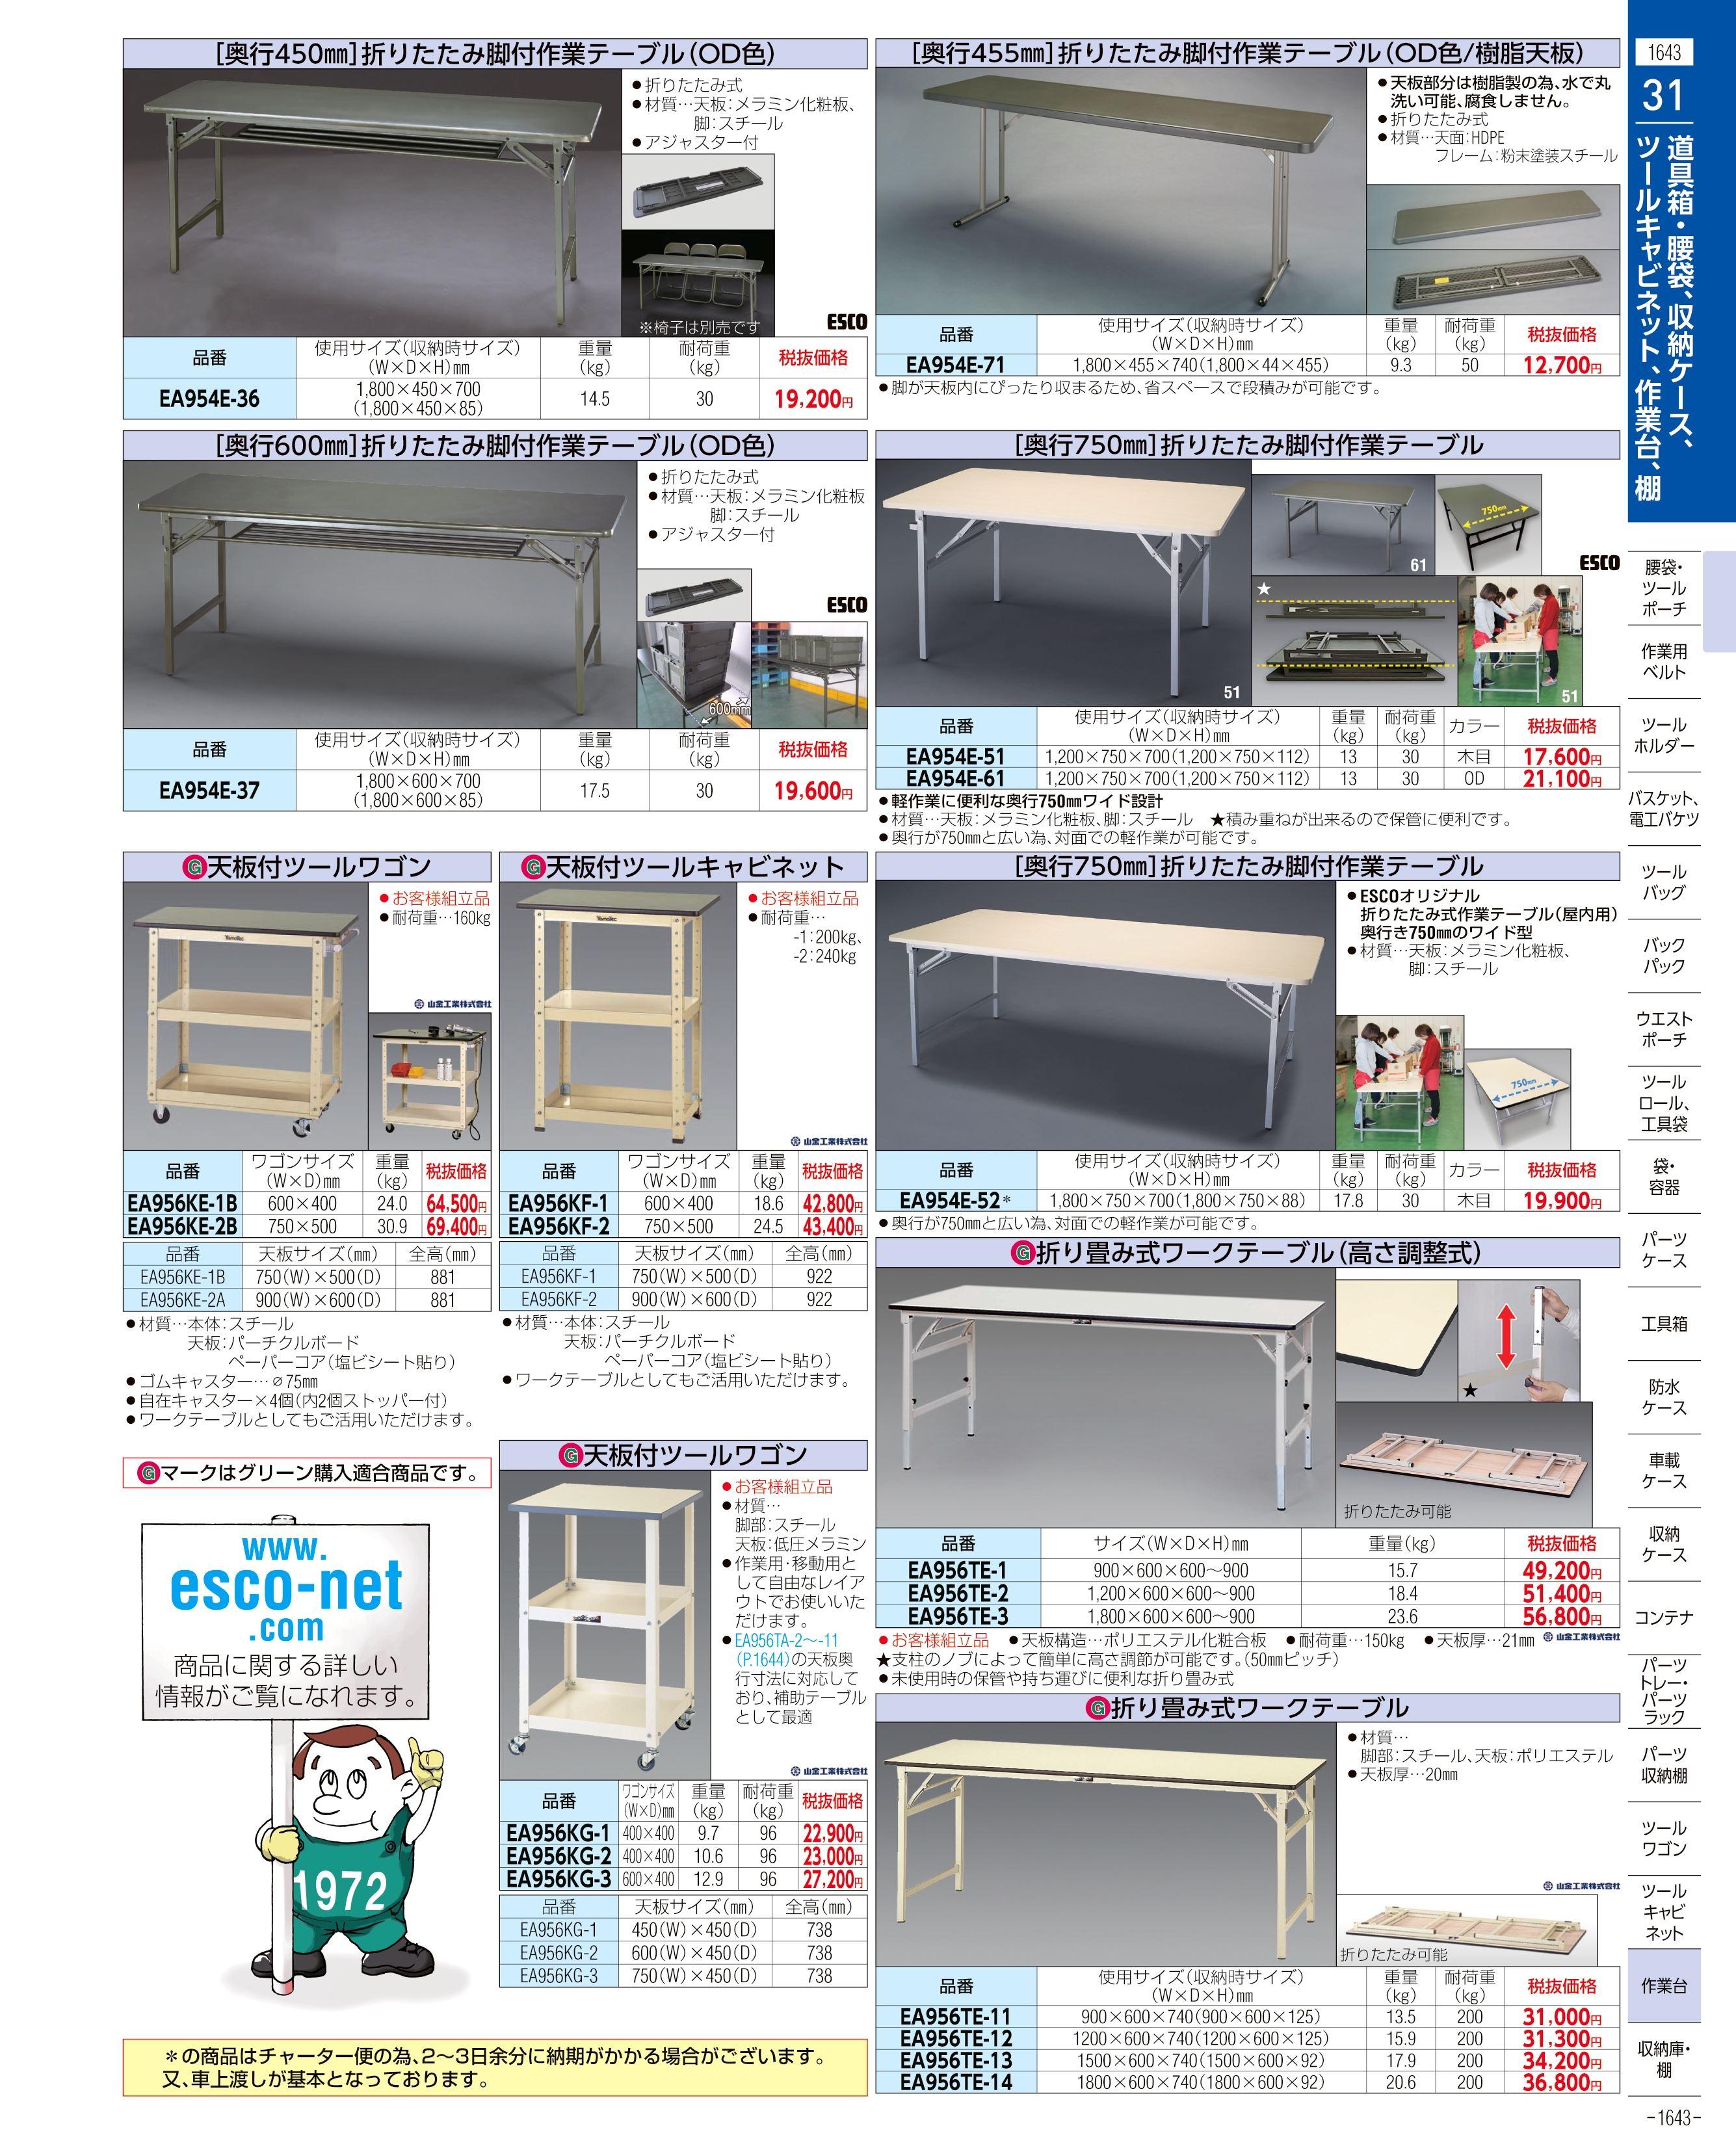 エスコ便利カタログ1643ページ